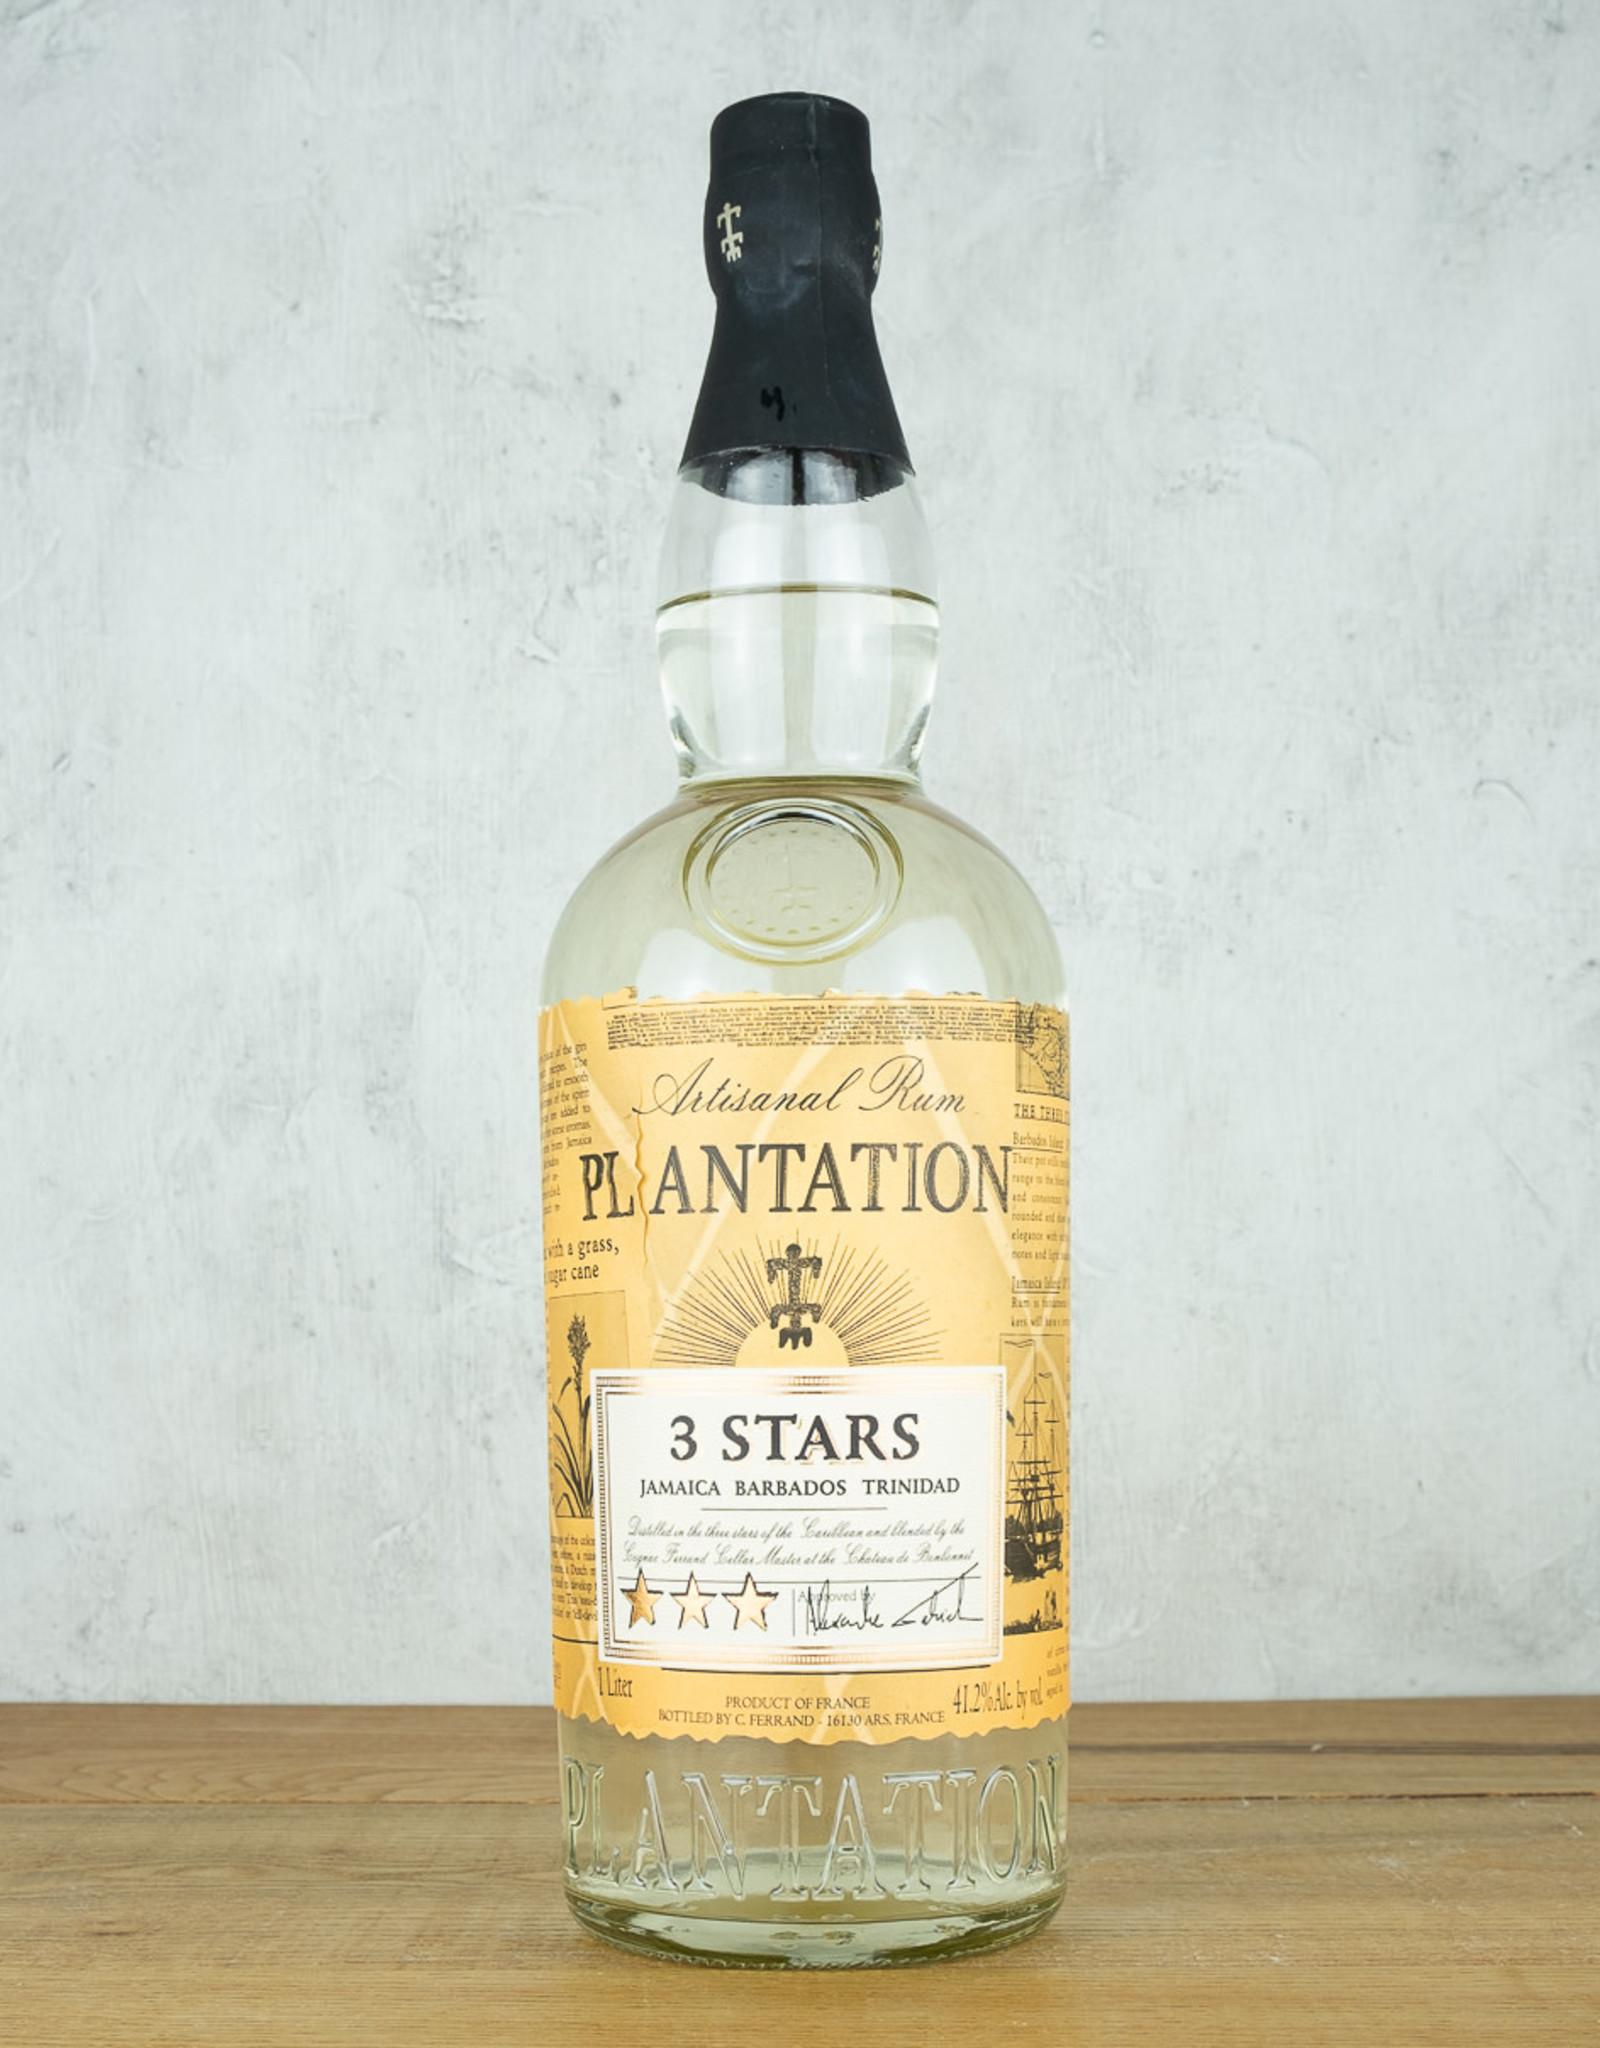 Plantation White Rum 3 Stars